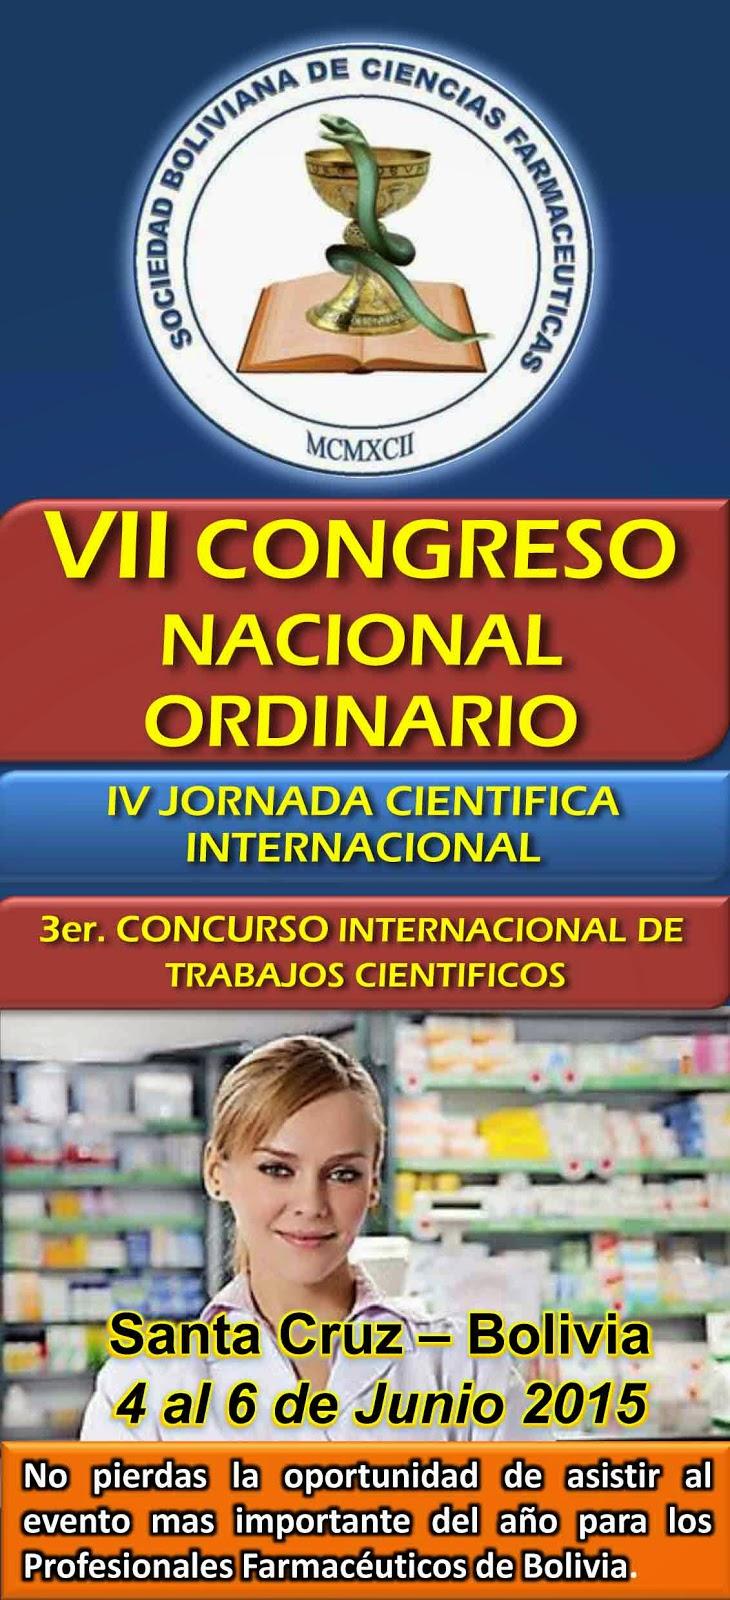 http://sbcfviicongreso.blogspot.com/